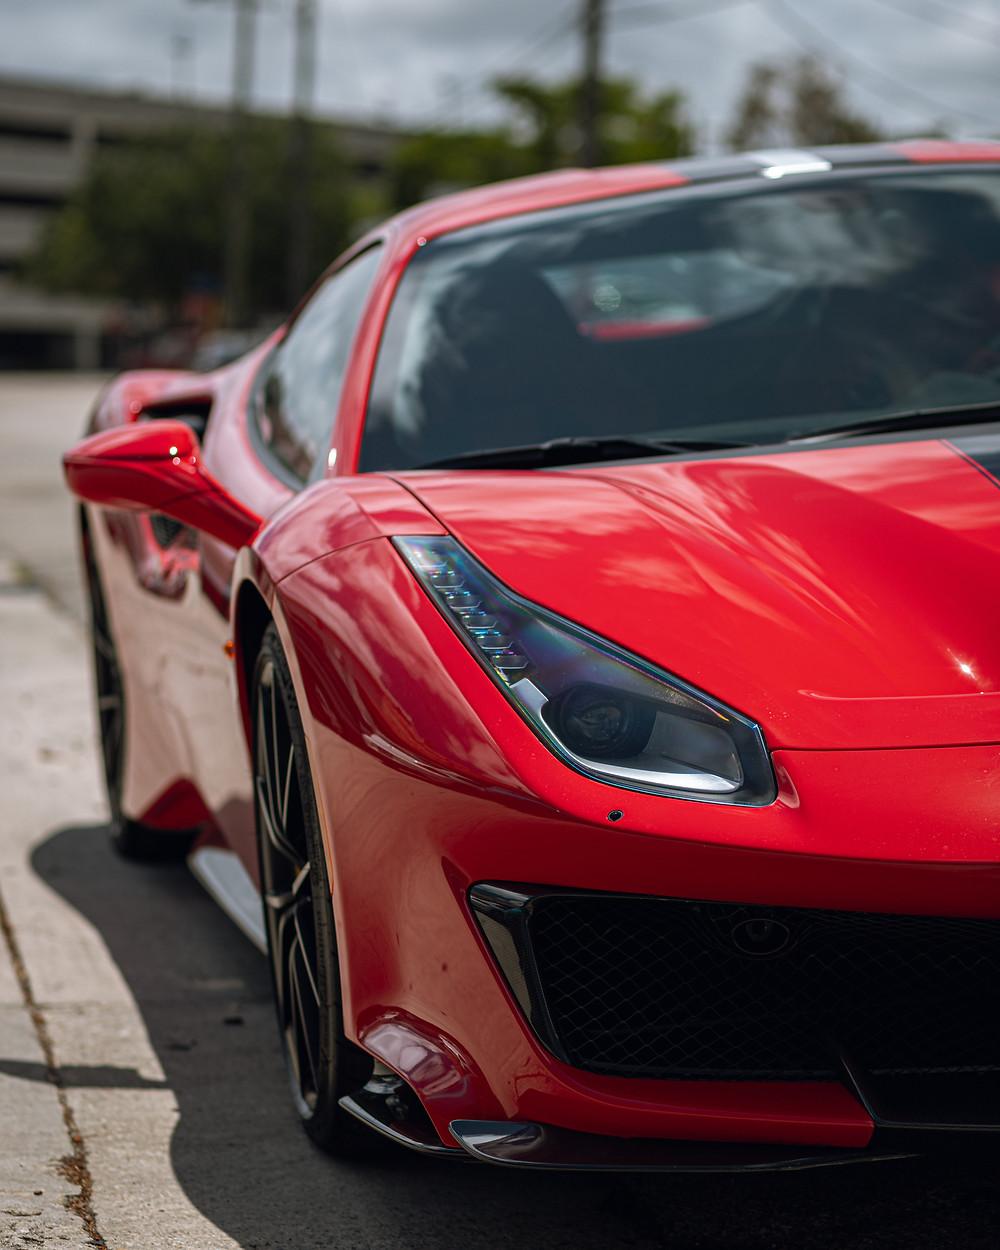 2019 Red Ferrari  488 Pista in Miami